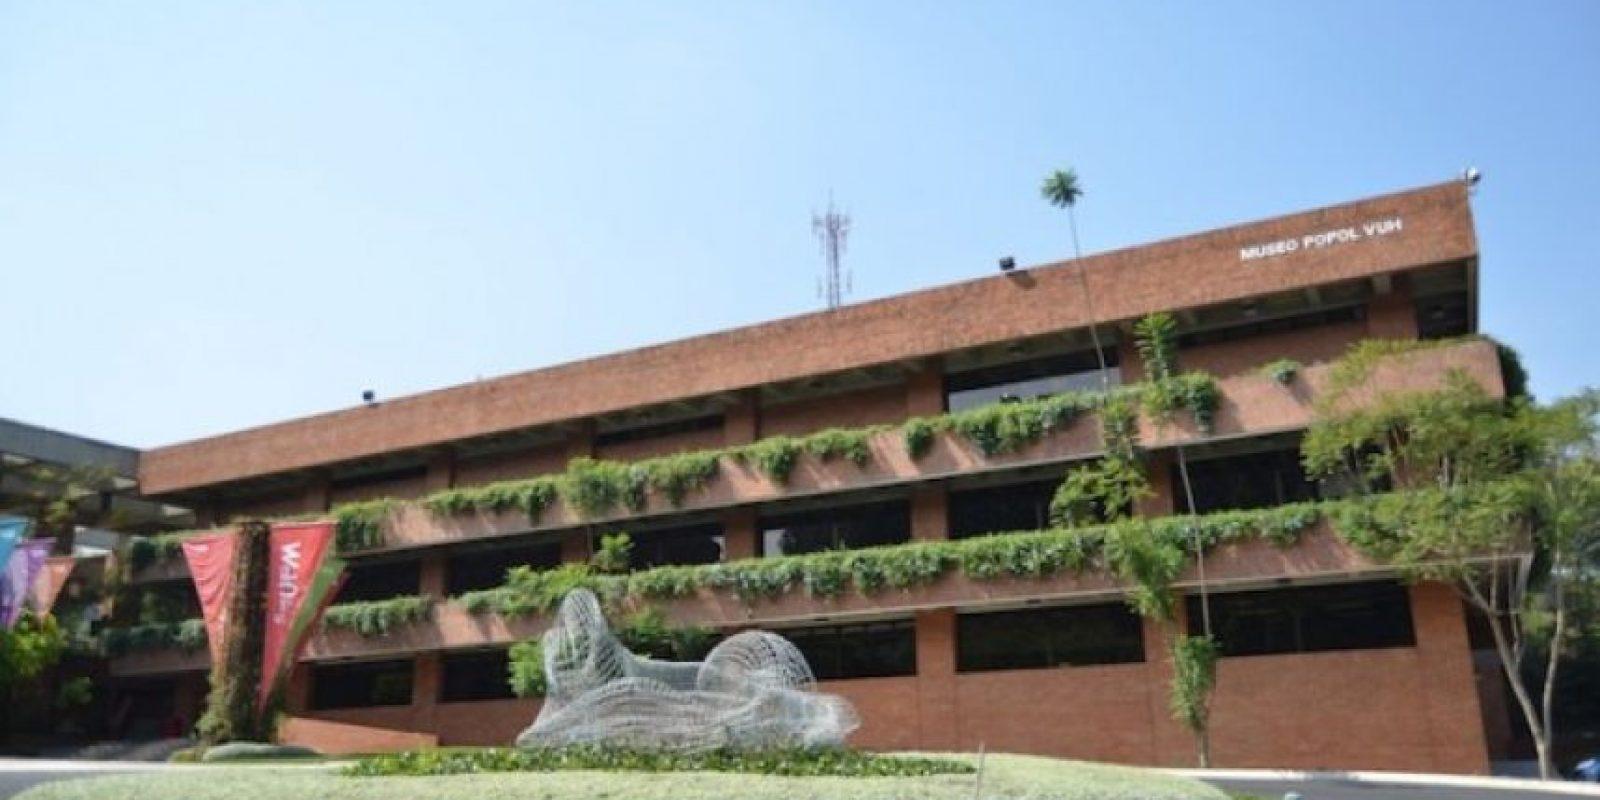 Vista exterior del museo Popol Vuh. Foto:Juan José López Torres